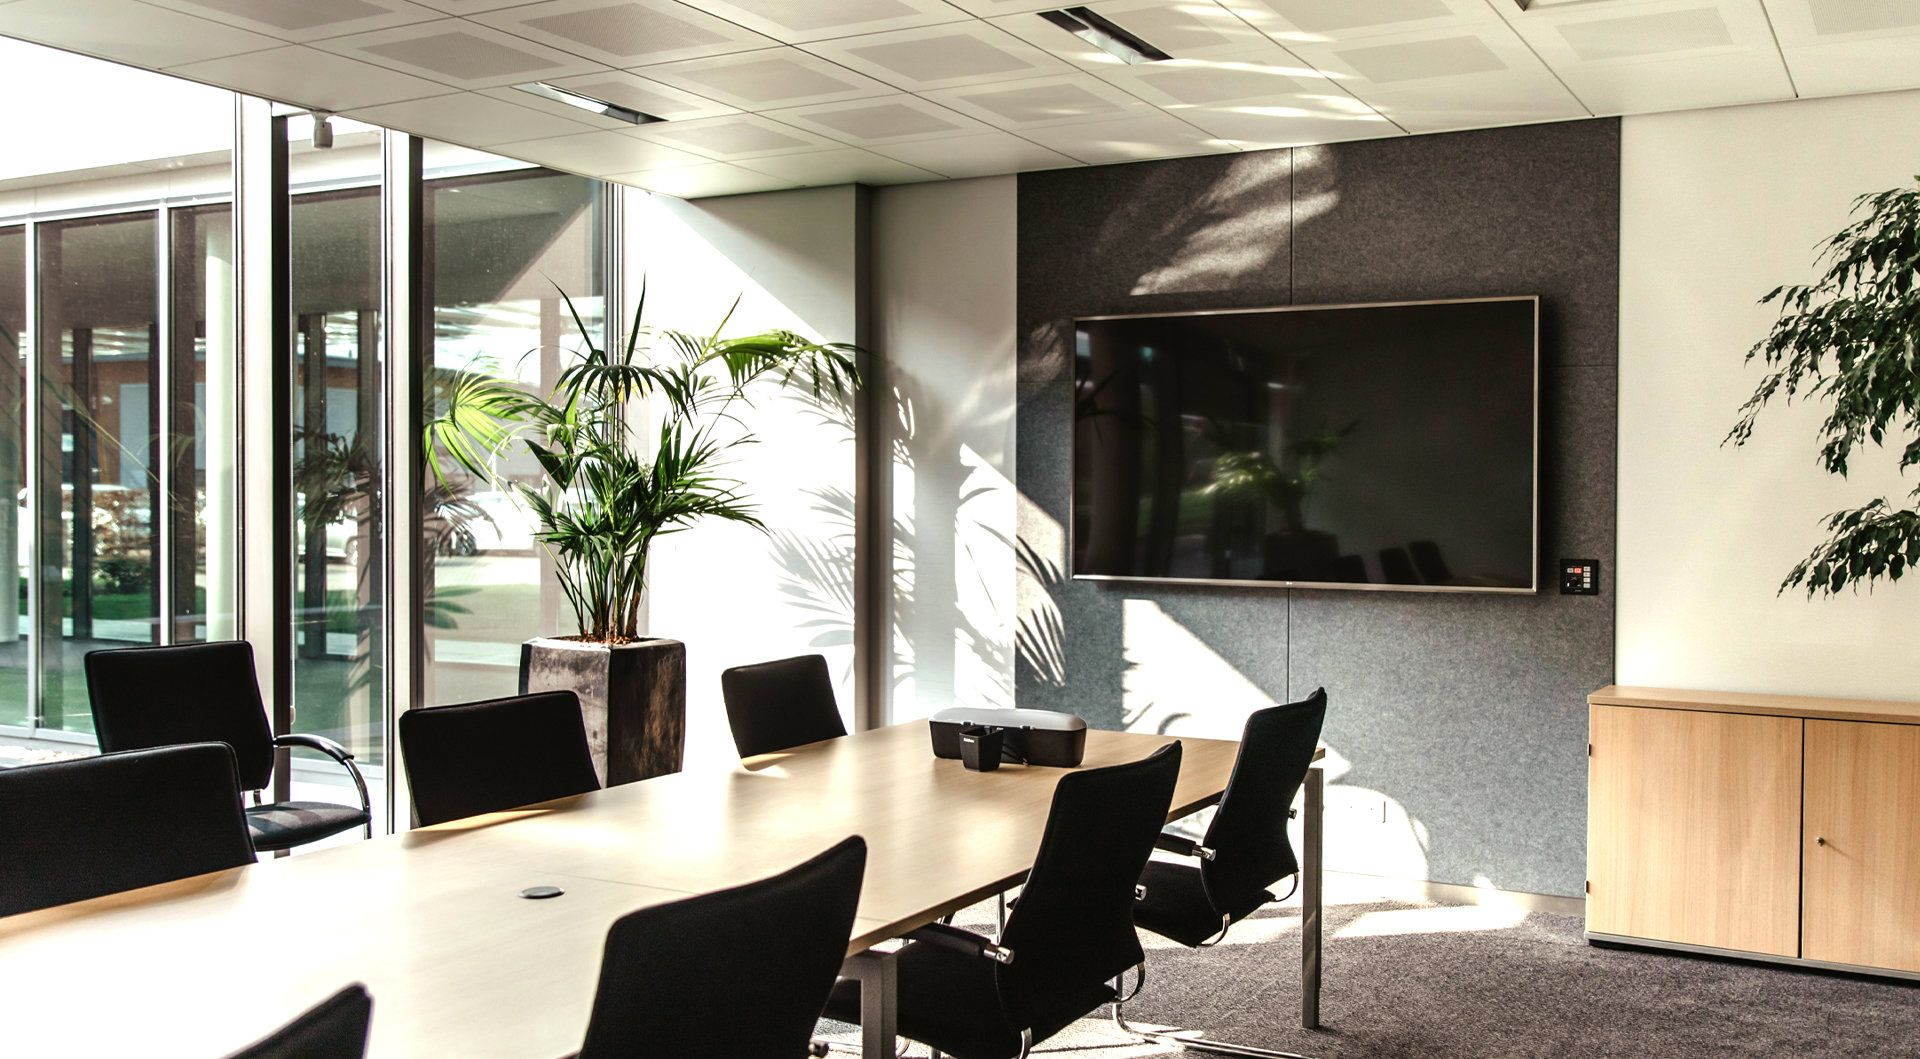 """LG 75XS4G beeldkrant Digitale signage flatscreen 190,5 cm (75"""") IPS Zwart - Case studie de vries"""